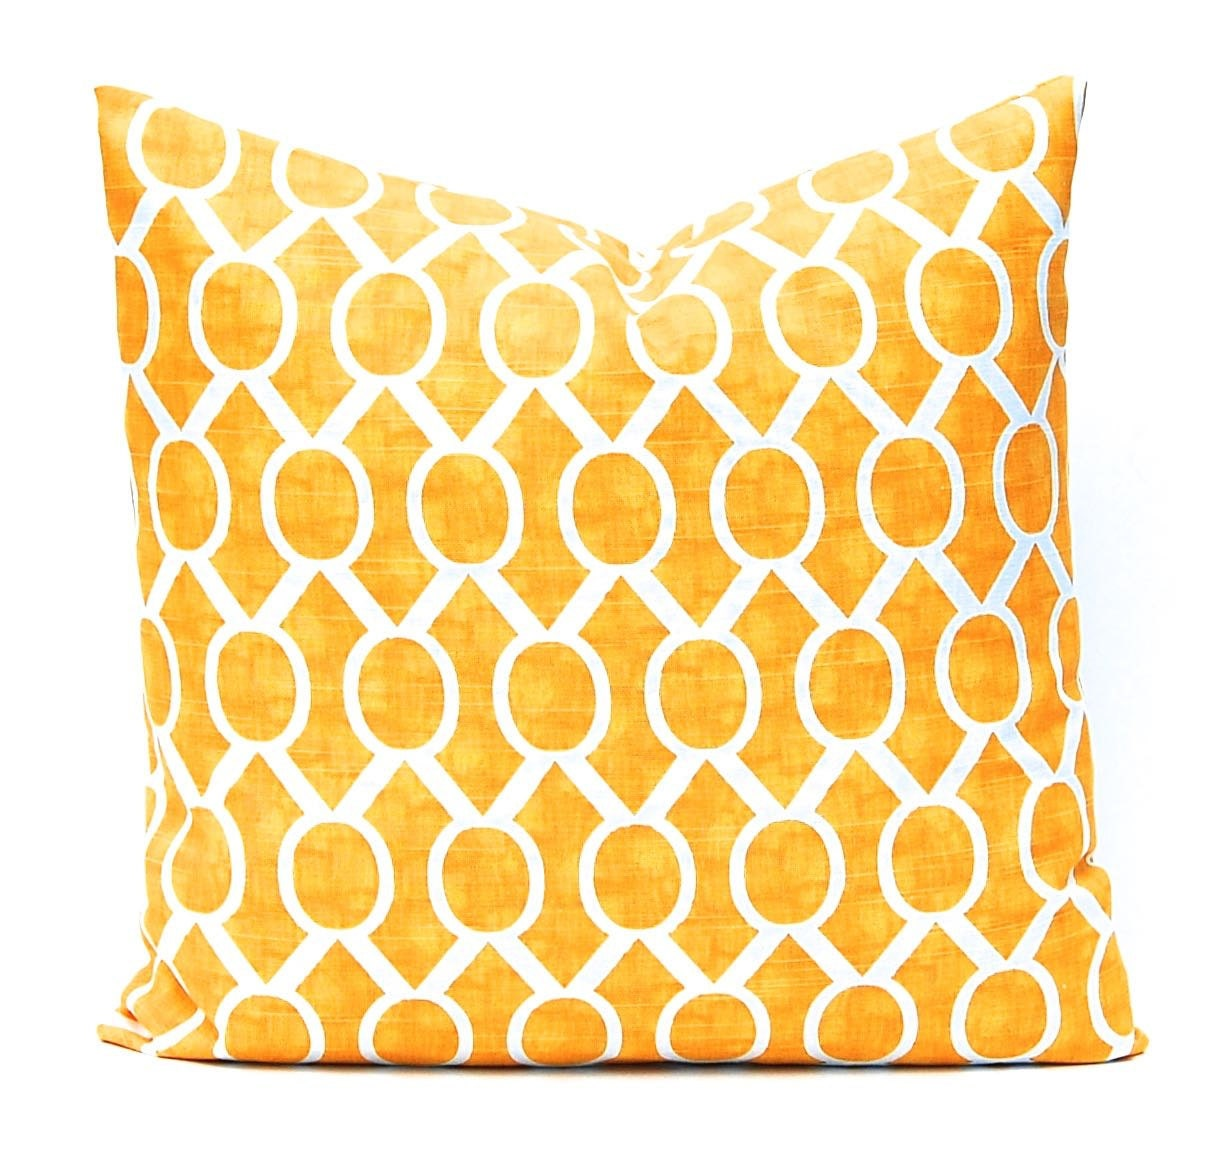 Yellow Down Throw Pillows : Yellow Pillows Yellow Cushion Cover Yellow Throw Pillow